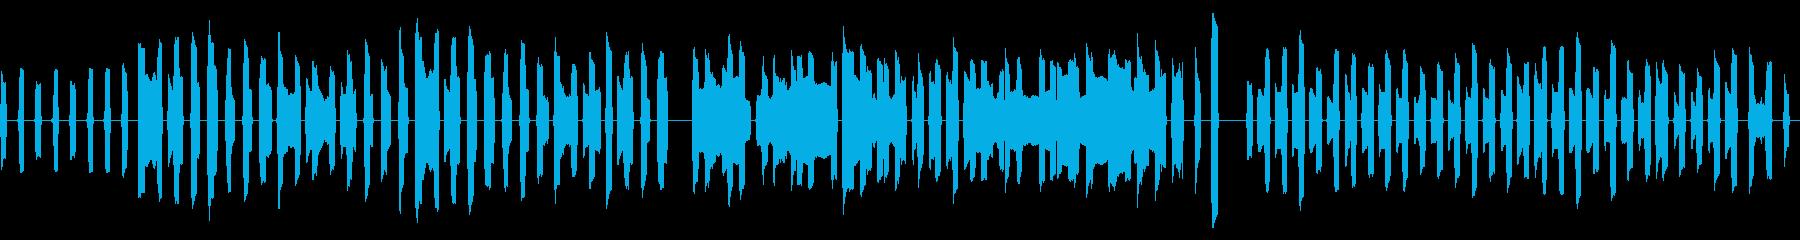 ピタゴラスイッチ風ののんきなリコーダー曲の再生済みの波形